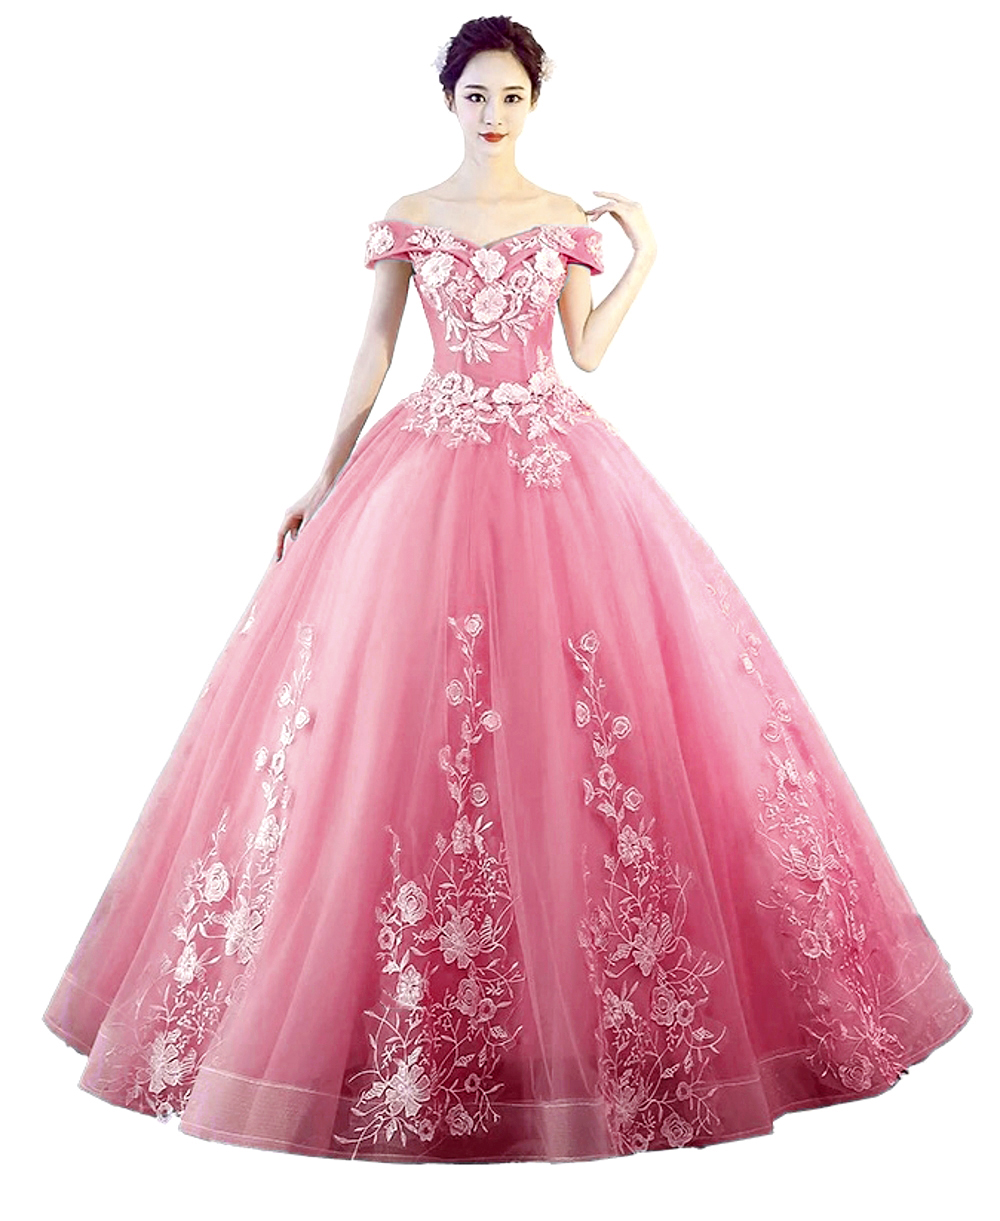 2019 nouveau camée brun Quinceanera robes Tulle avec dentelle Appliques mascarade robe De bal douce 16 robe Vestidos De 15 Anos